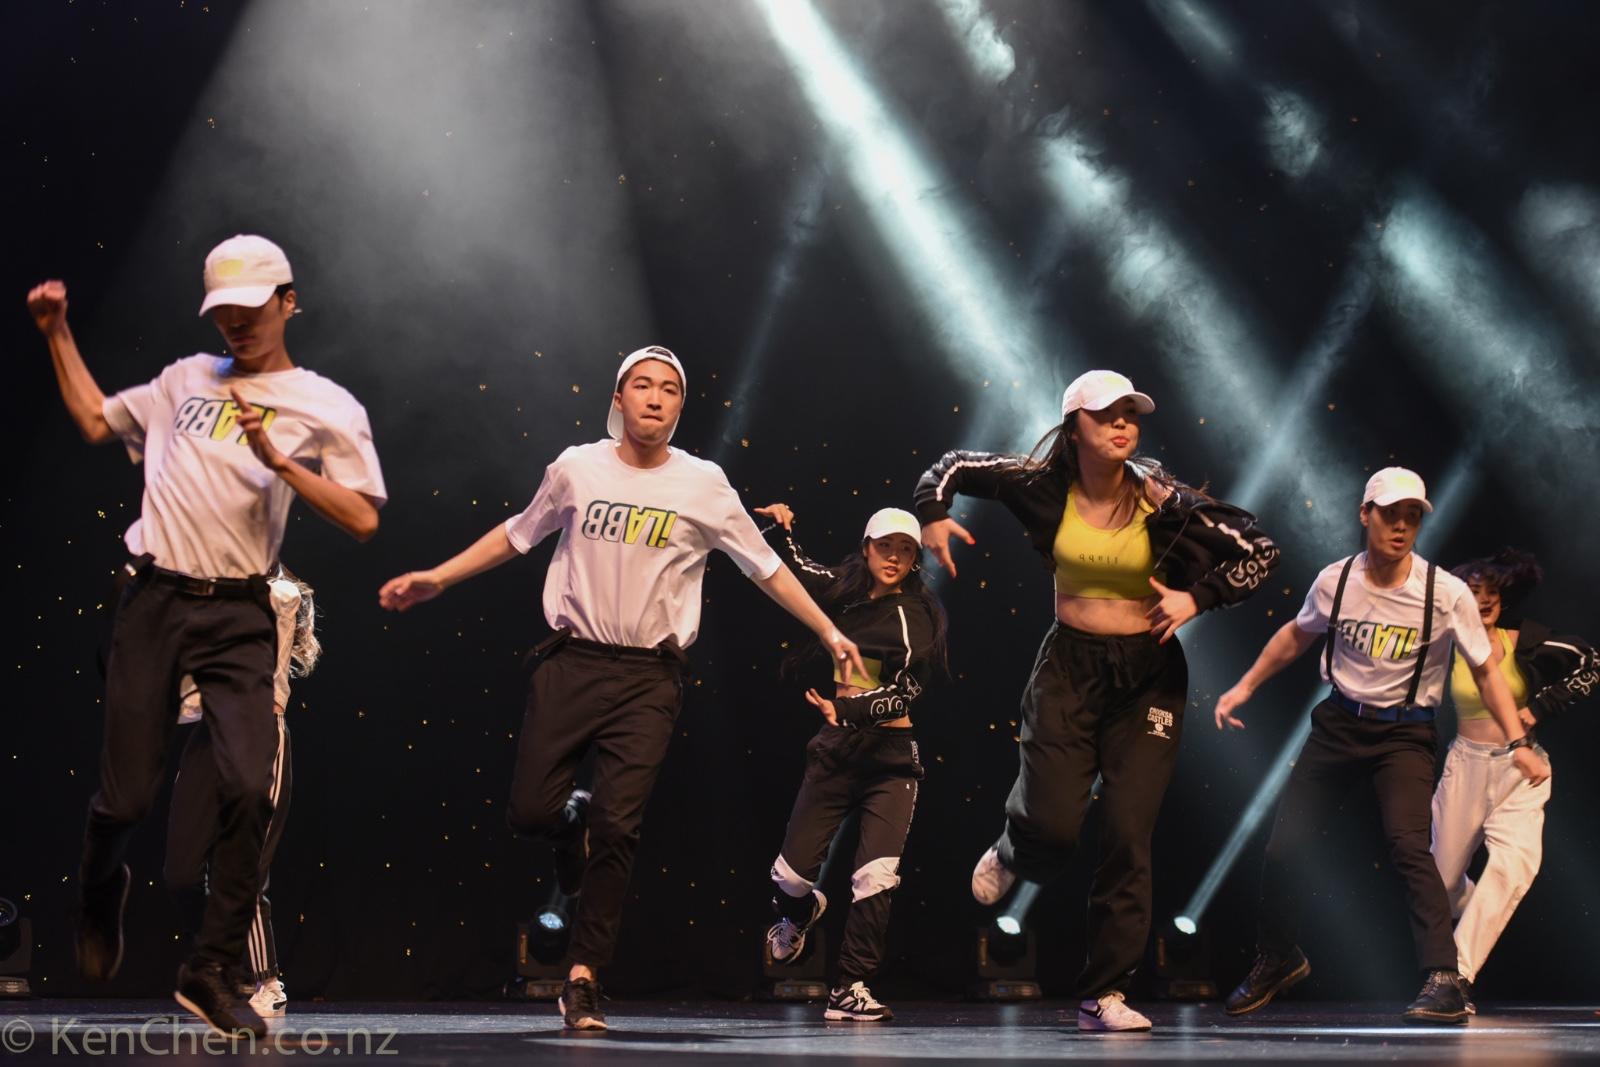 第四届2019新西兰多元化专业舞蹈交流晚会_kenchen.co.nz_9399.jpg